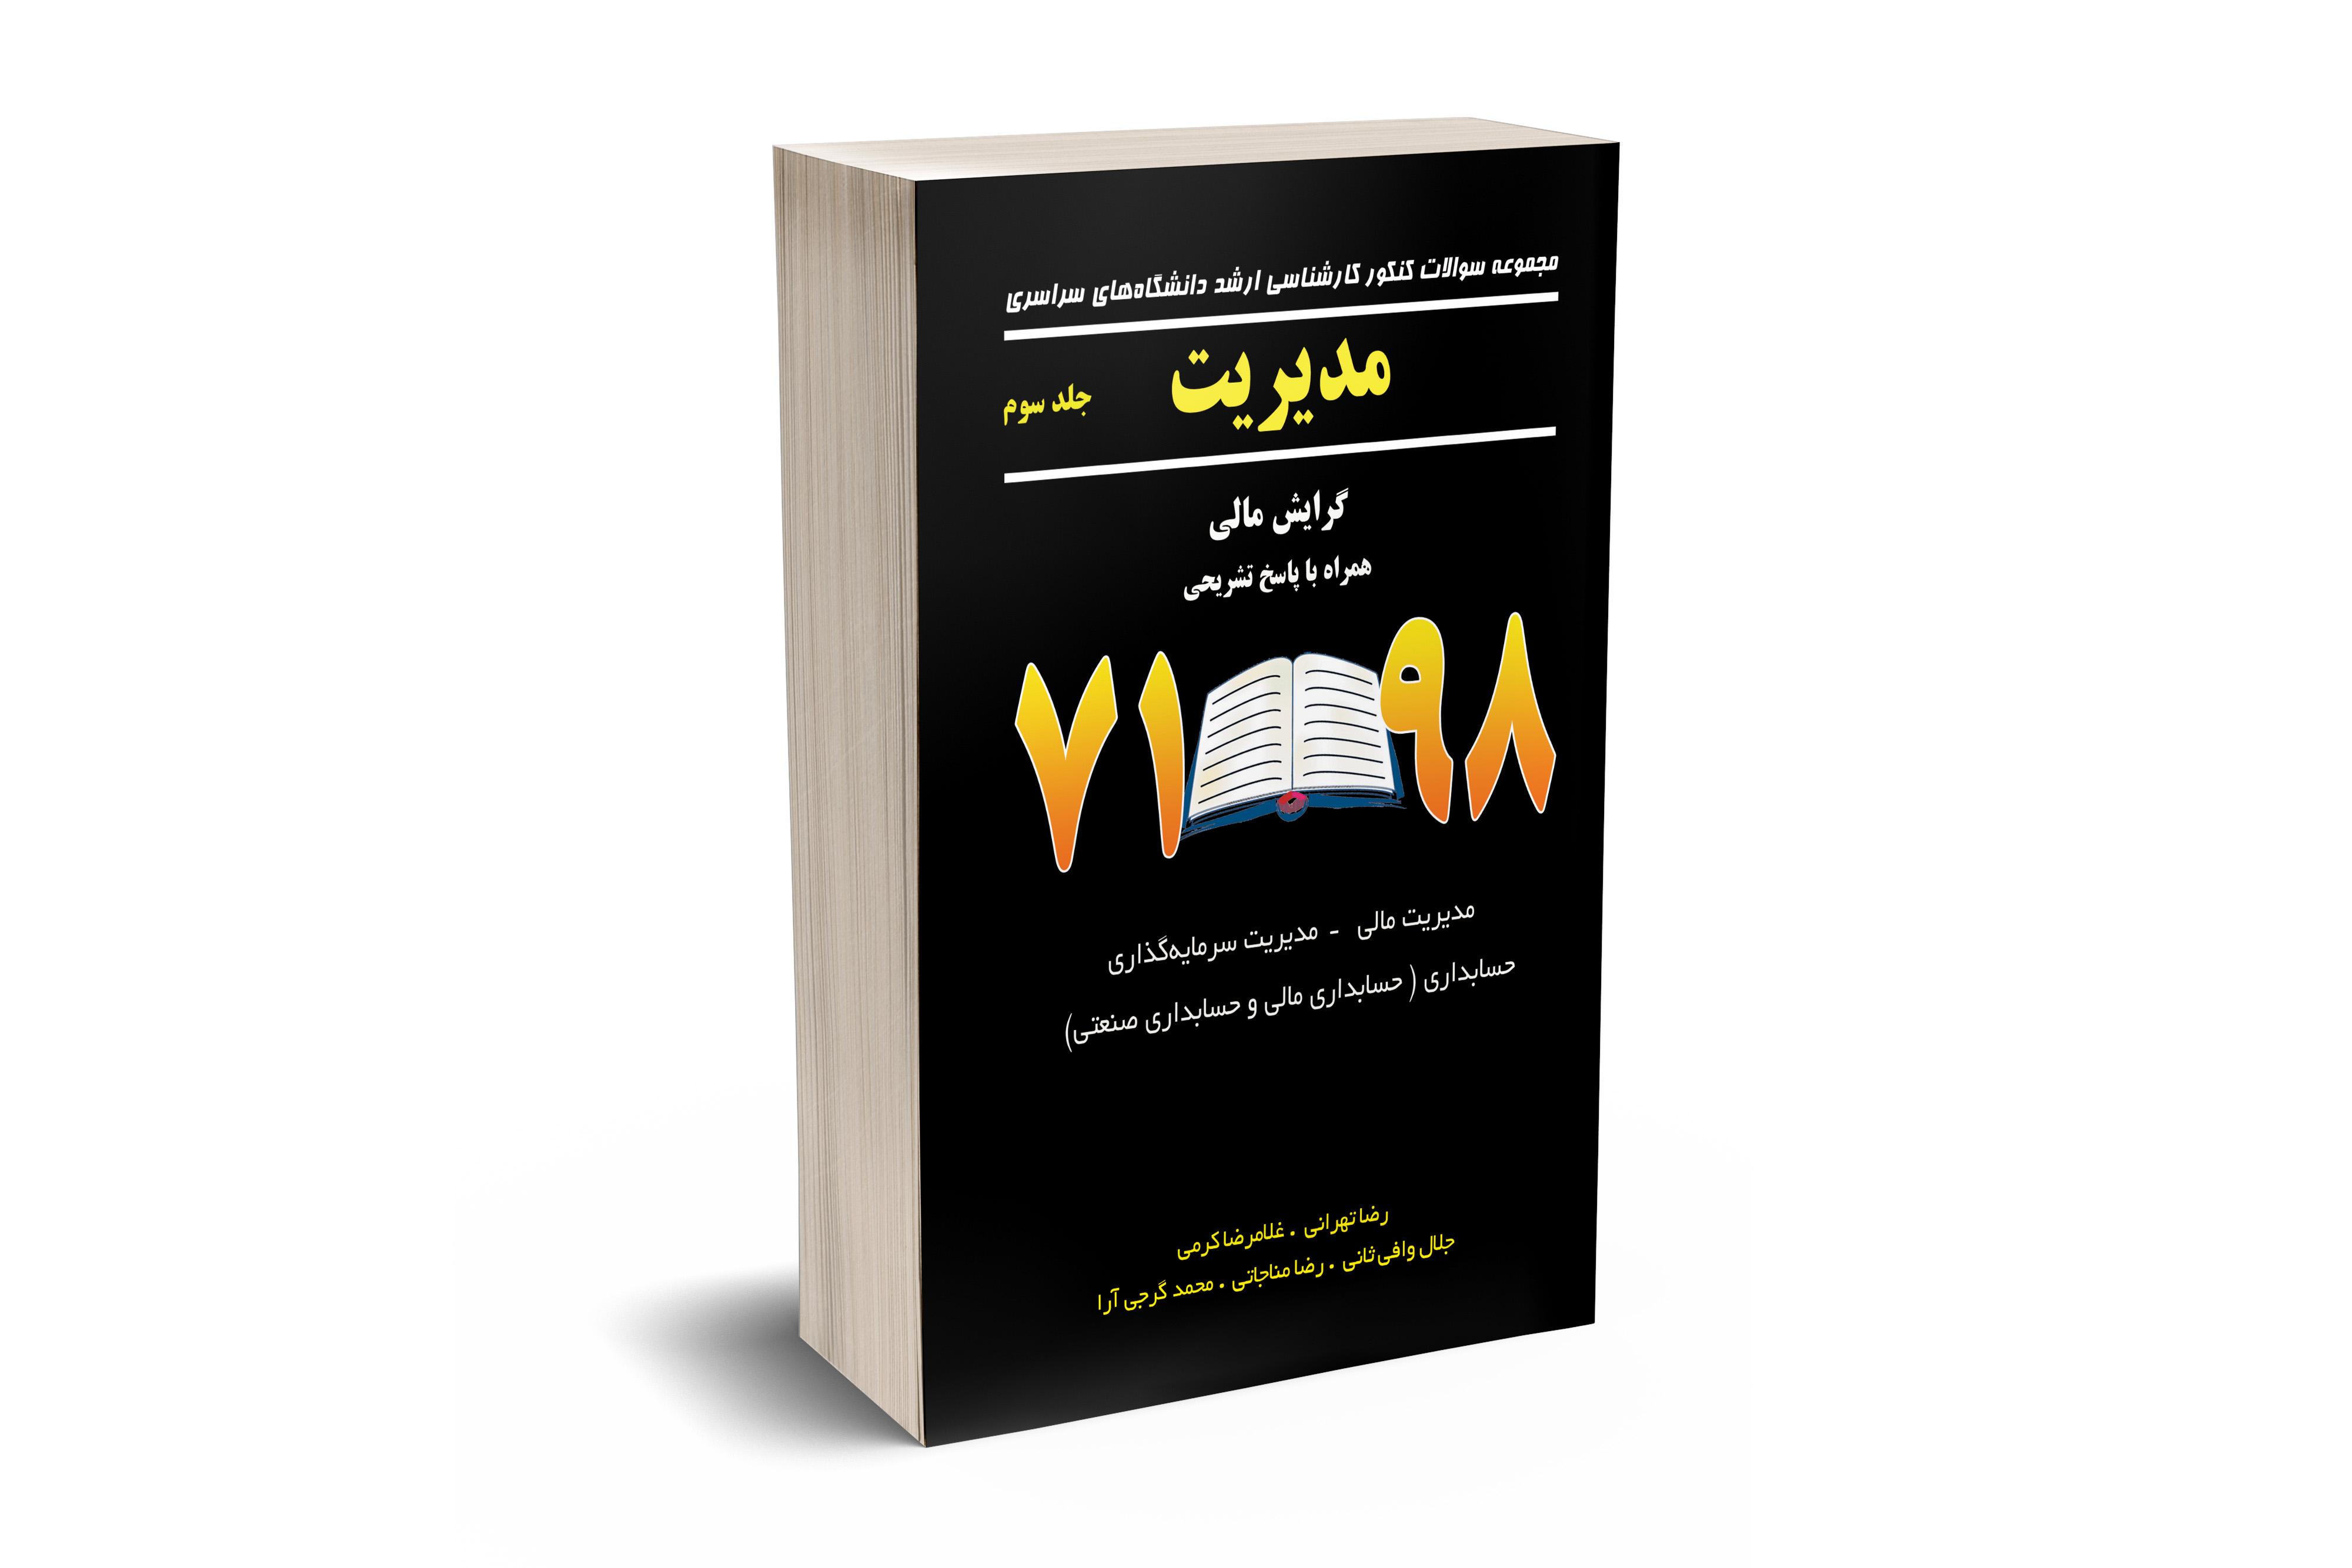 مجموعه سوالات کنکور کارشناسی ارشد دانشگاه های سراسری مدیریت جلد سوم 71 - 98